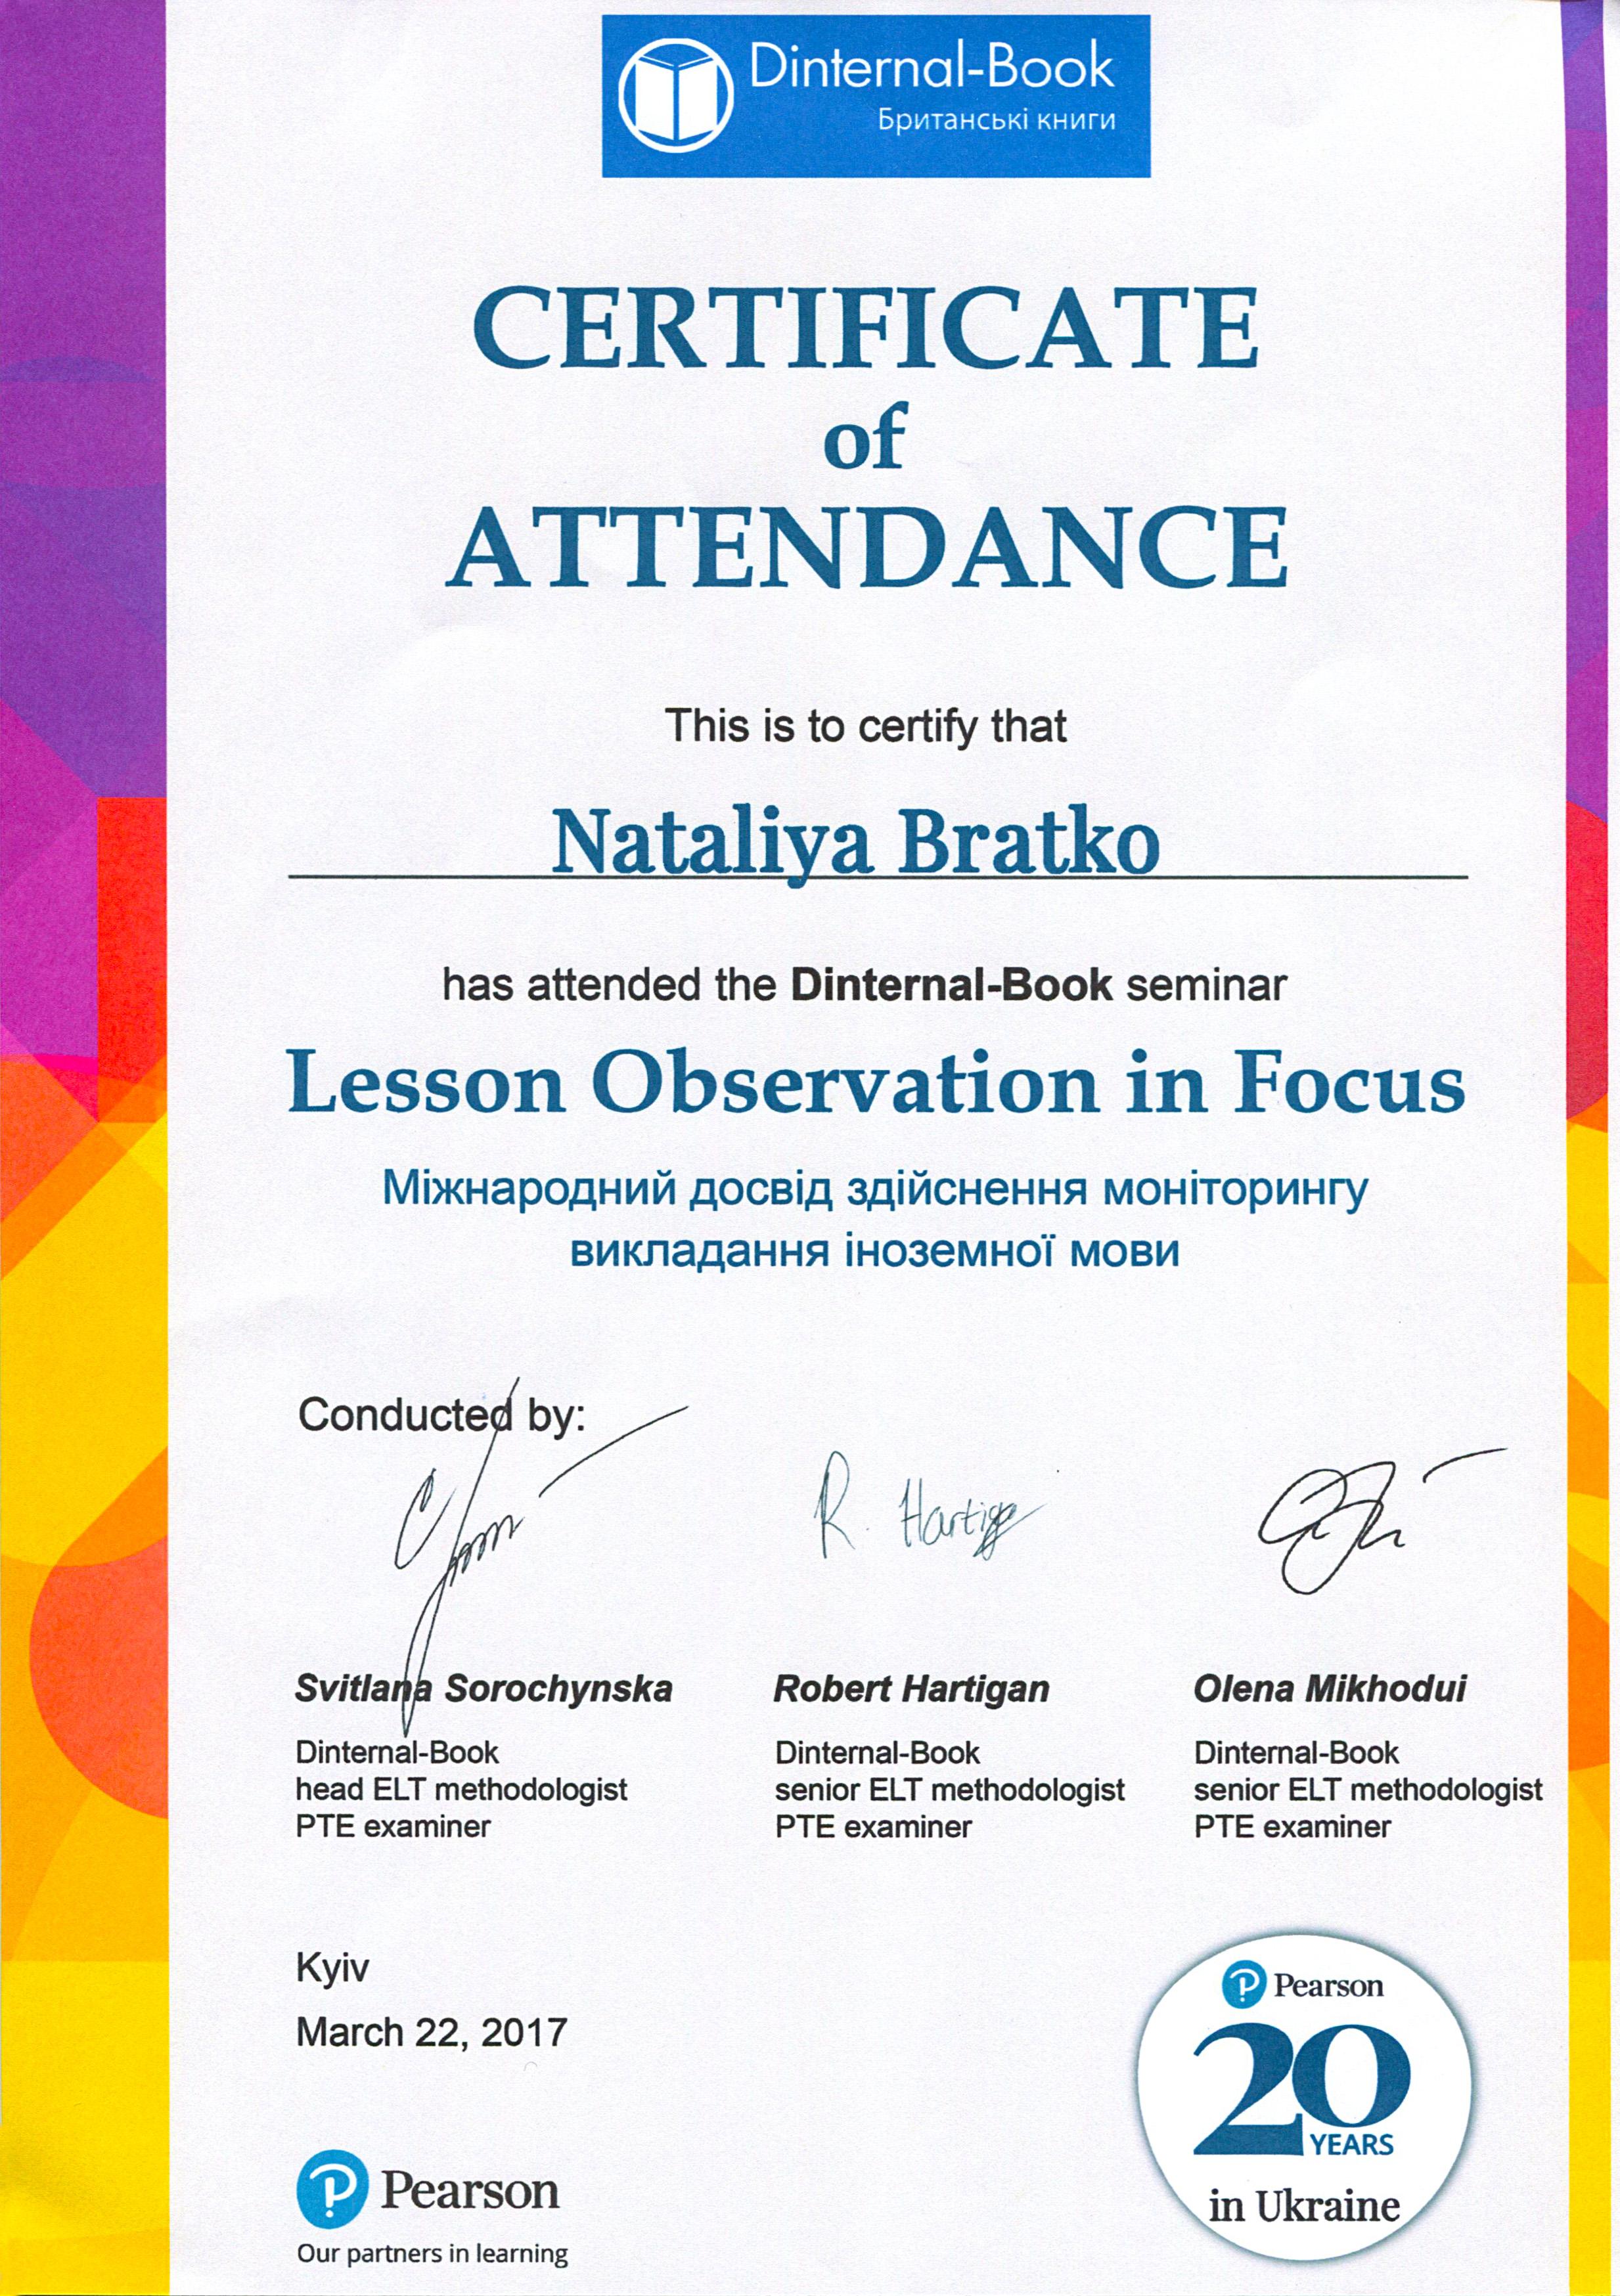 """Сертифікат за відвідування вебінара видавництва Dinternal-Book """"Lesson Observation in Focus"""""""